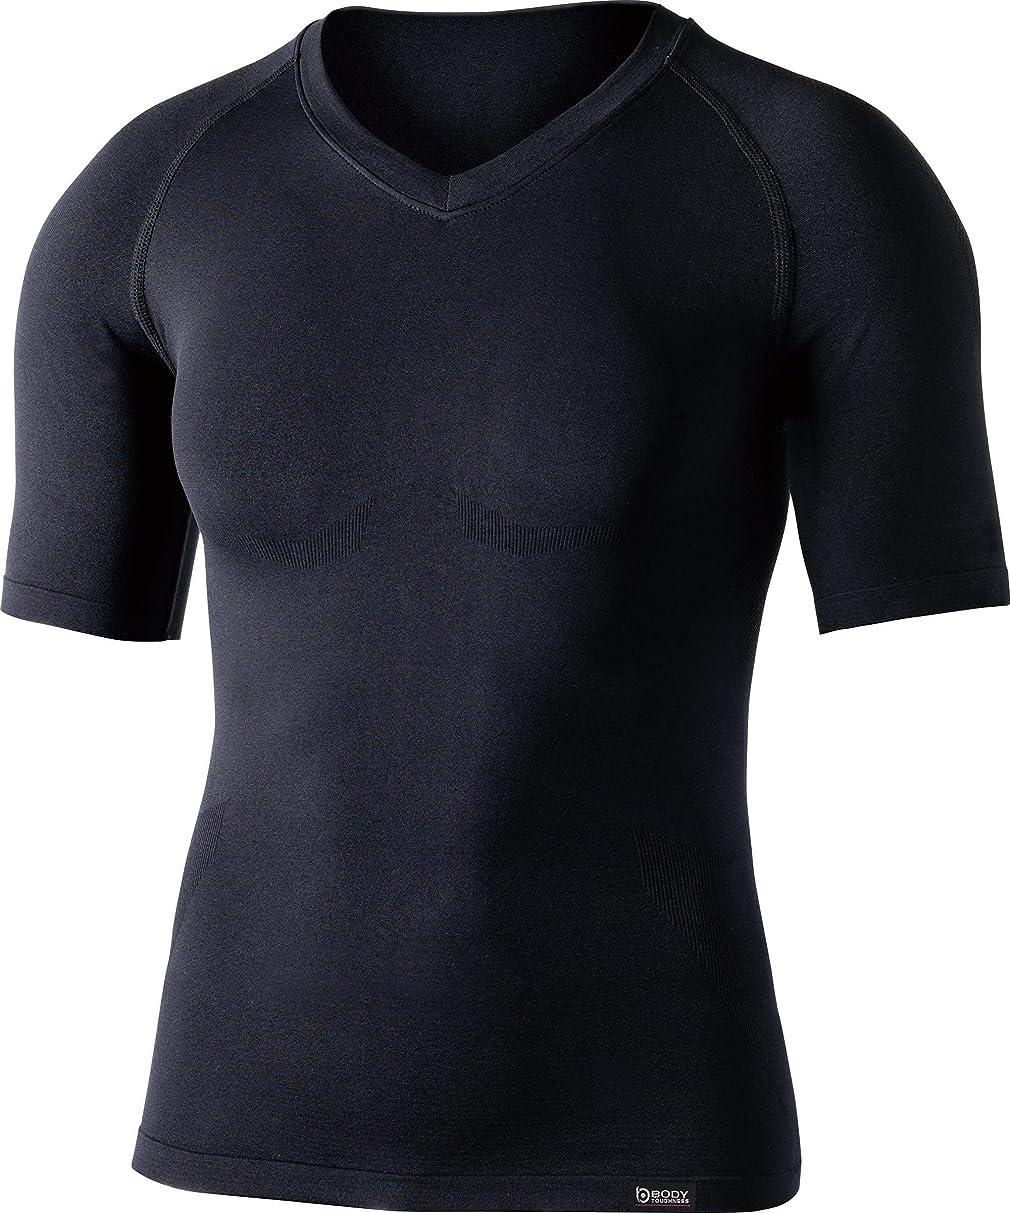 拳分類テレビ局おたふく手袋 ボディータフネス デュアルクロス ショートスリーブ Vネックシャツ ブラック M-Lサイズ JW-591